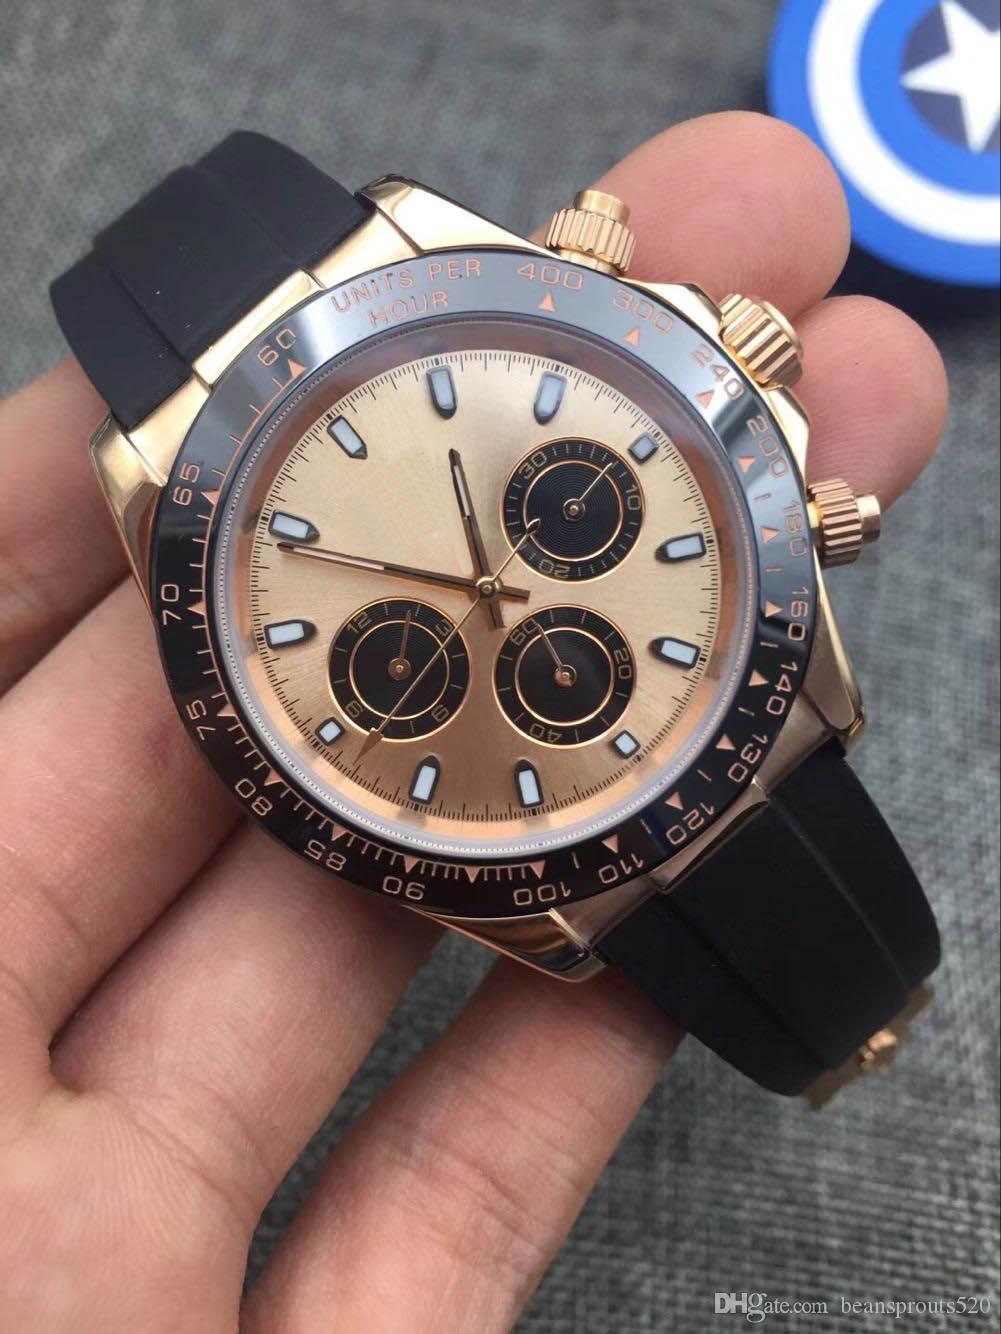 Designer-Uhren Der Master-Design-Bewegung Uhren Luxusuhr Montre de luxe, M116518, M116515, M116519. , Gummiband, sechs Nadelzeit